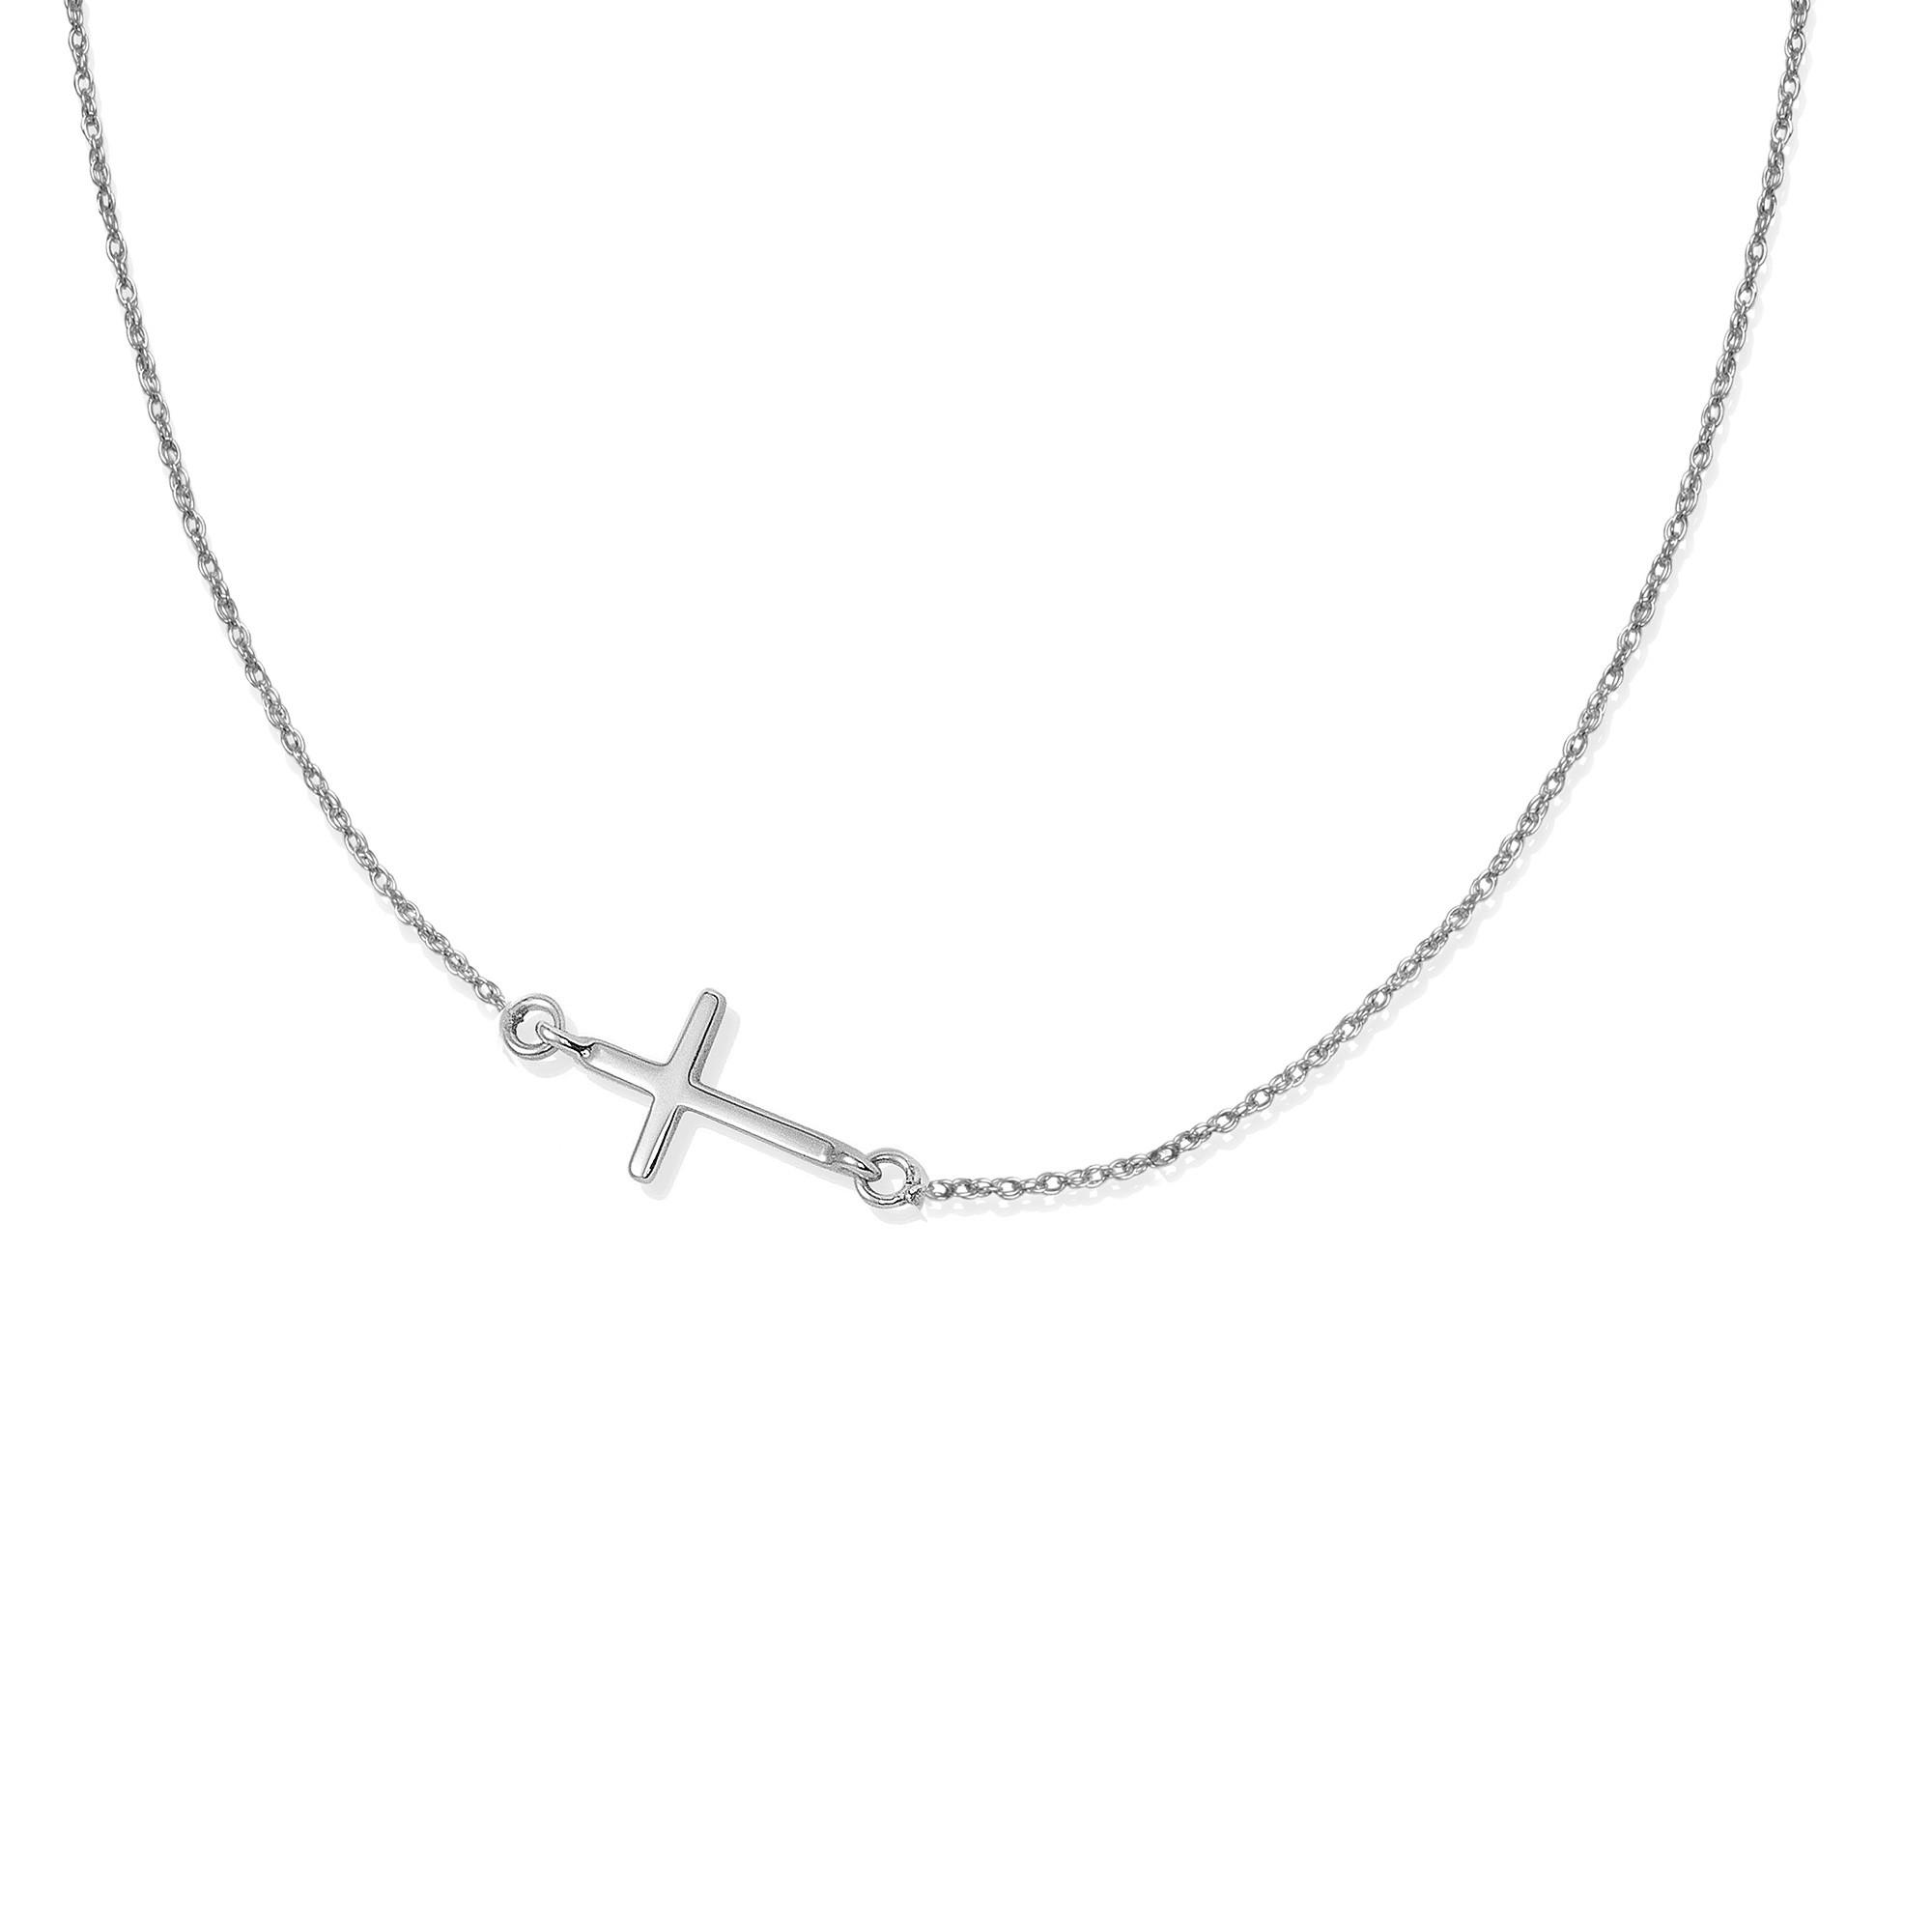 Collier chaîne avec une croix en argent